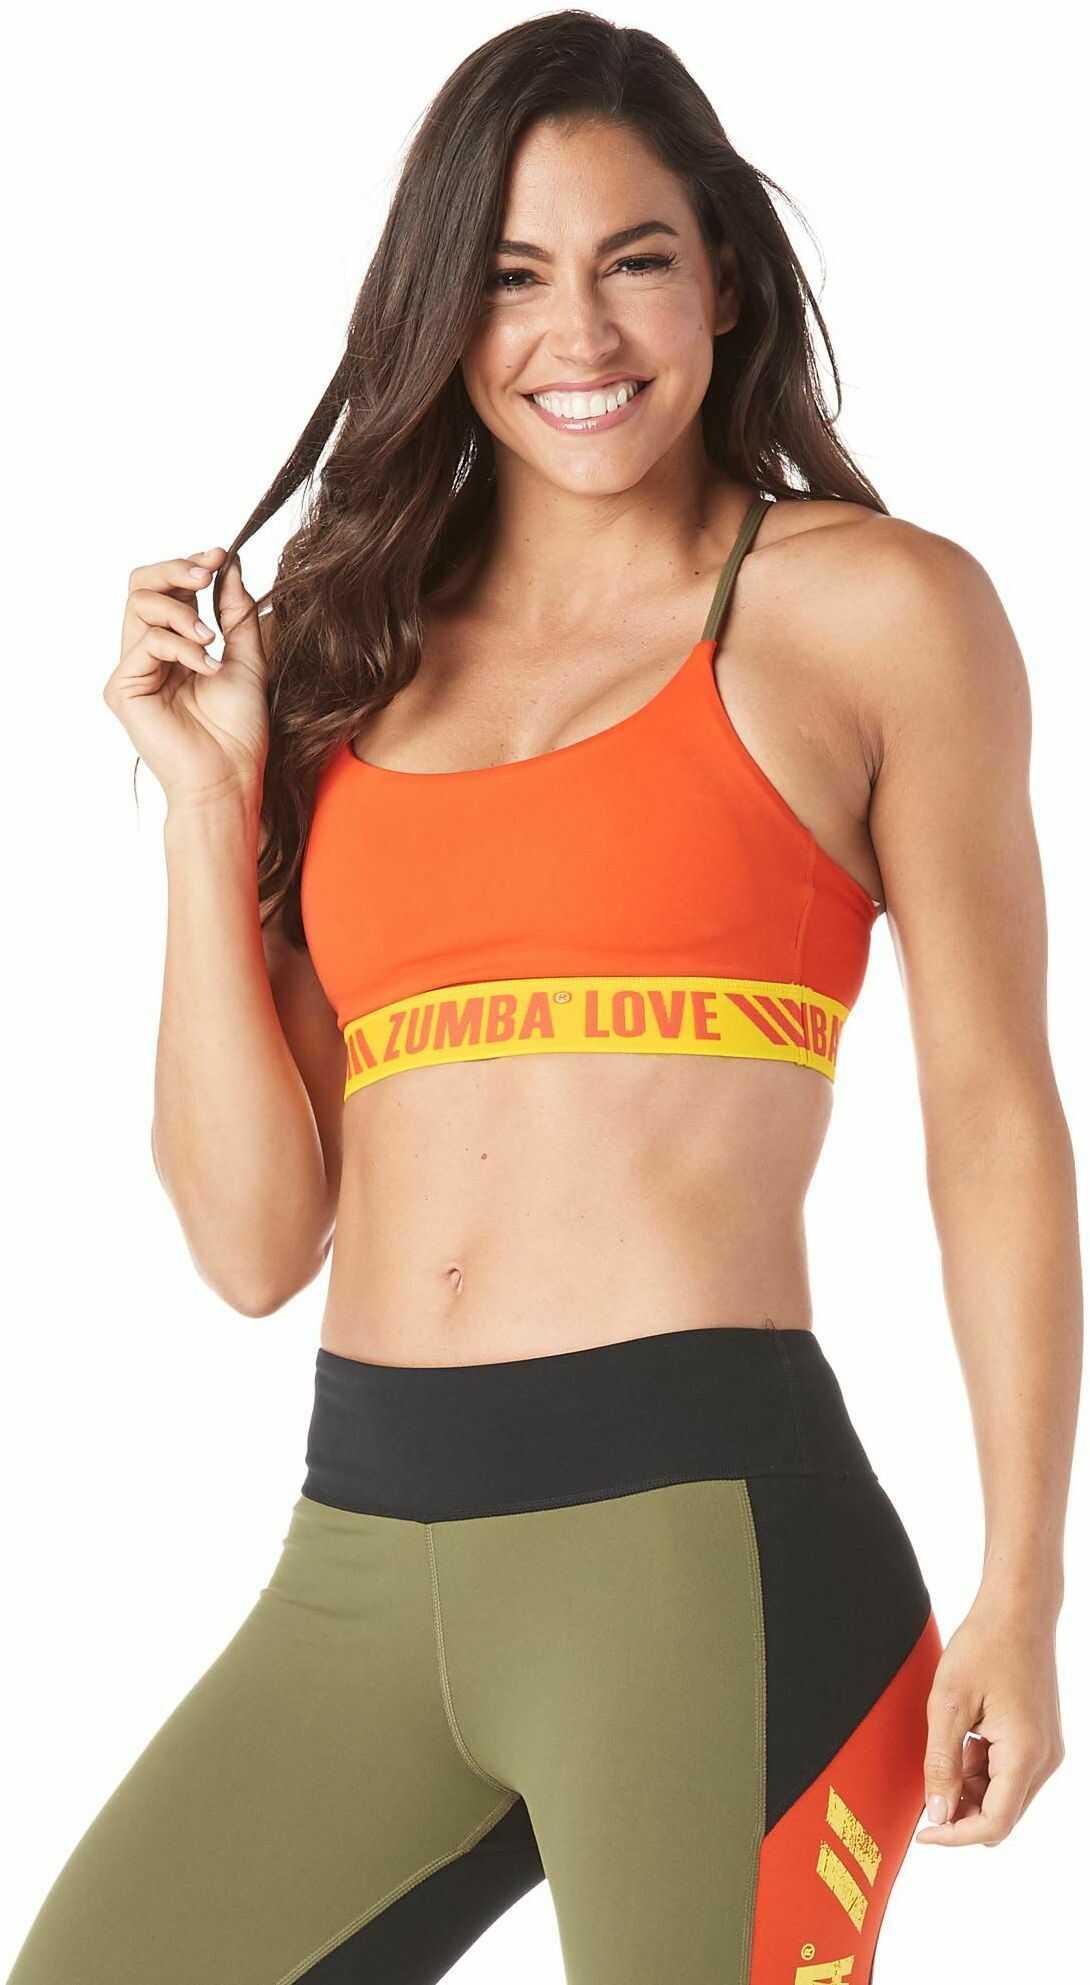 Zumba 126 nadruk seksowne oddychające odzież aktywna moda trening bralety dla kobiet z paskami, wiśnia, XXL